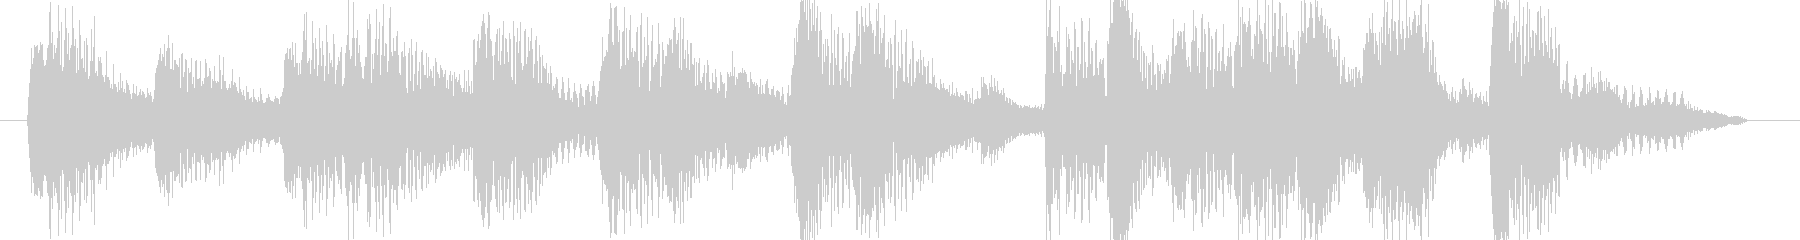 5秒ジングル音源テクノ系明るい曲調の未再生の波形